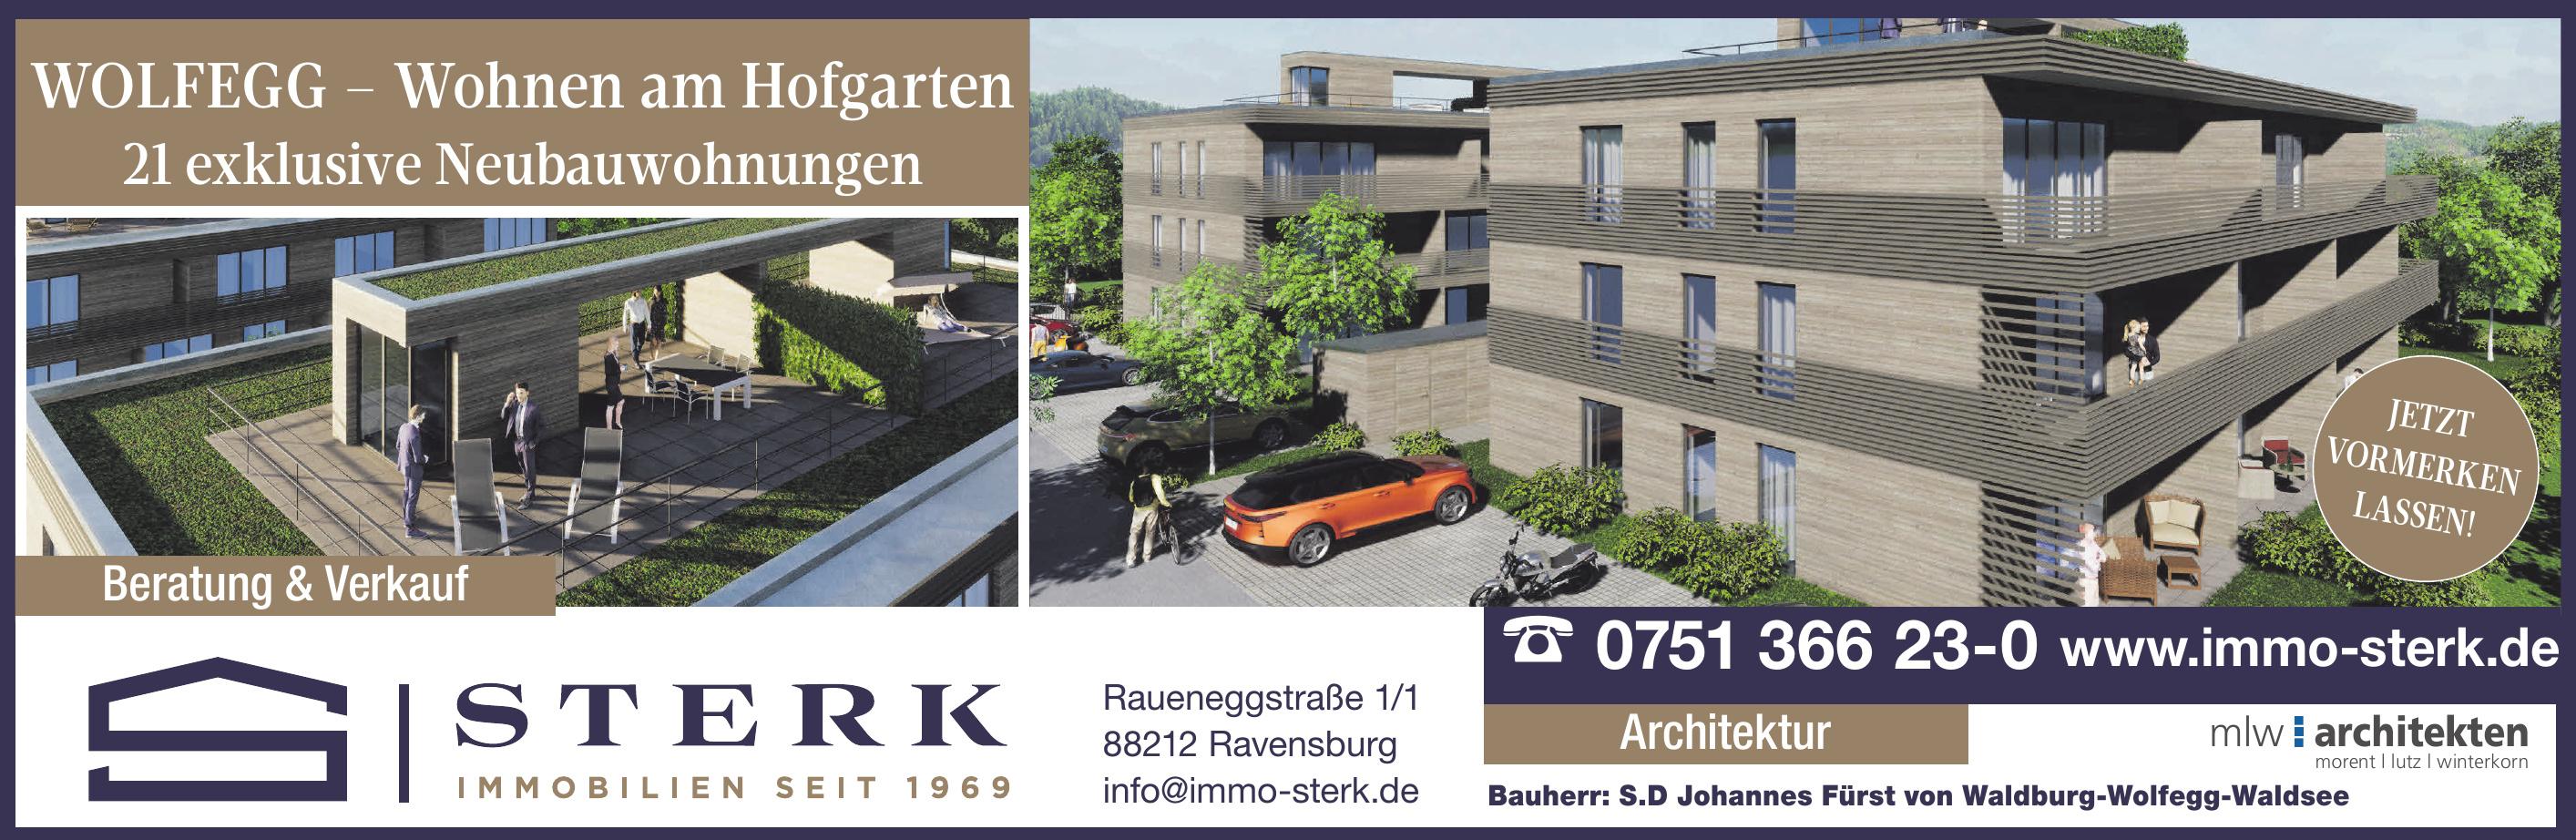 Immobilien Sterk GmbH & CO. KG